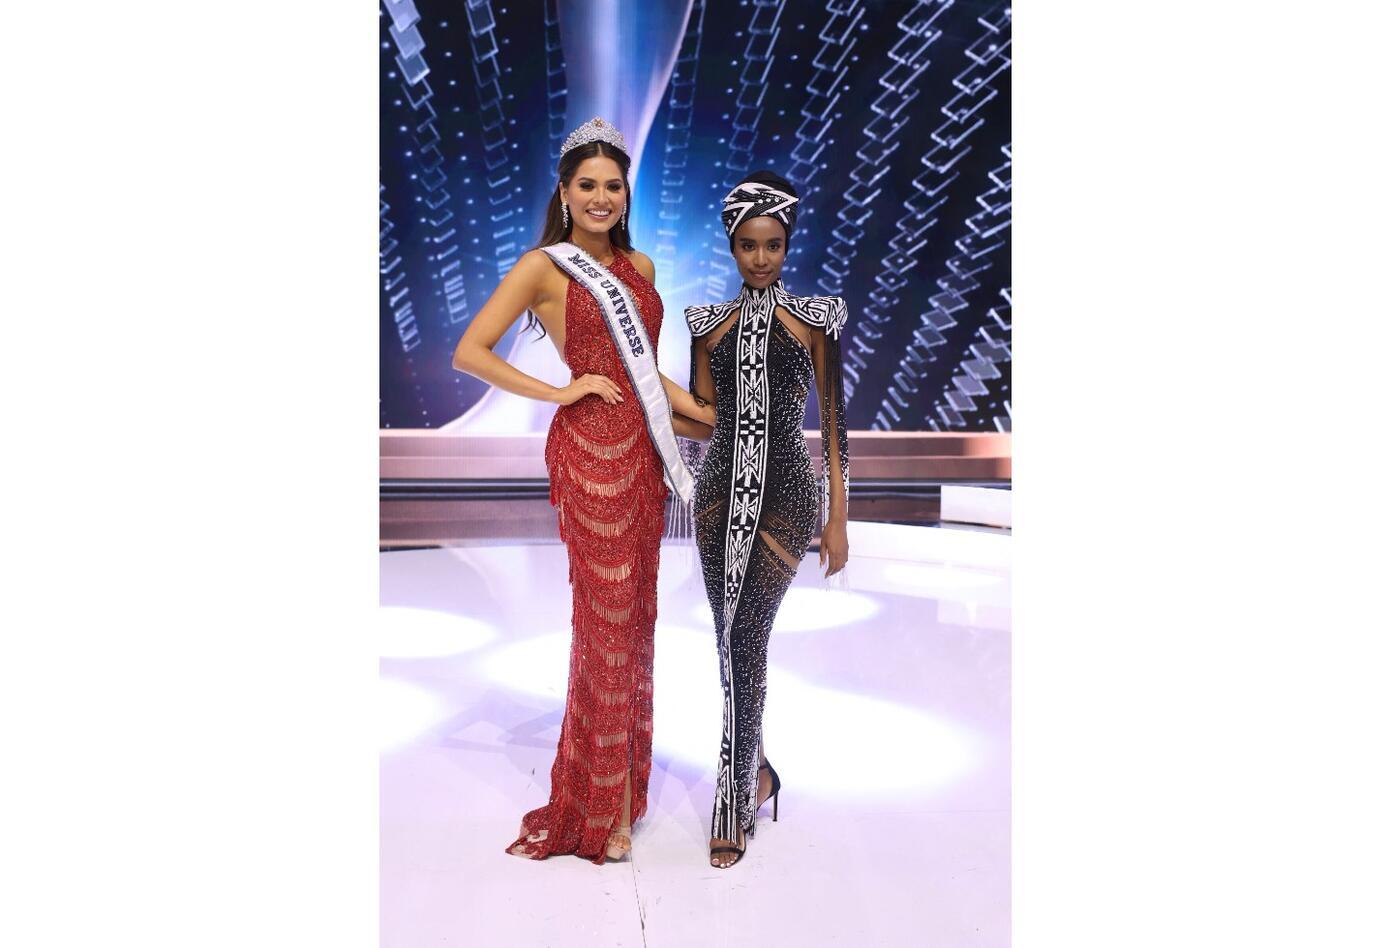 Andrea Meza, Miss Universo 2020 y Zozibini Tunzi